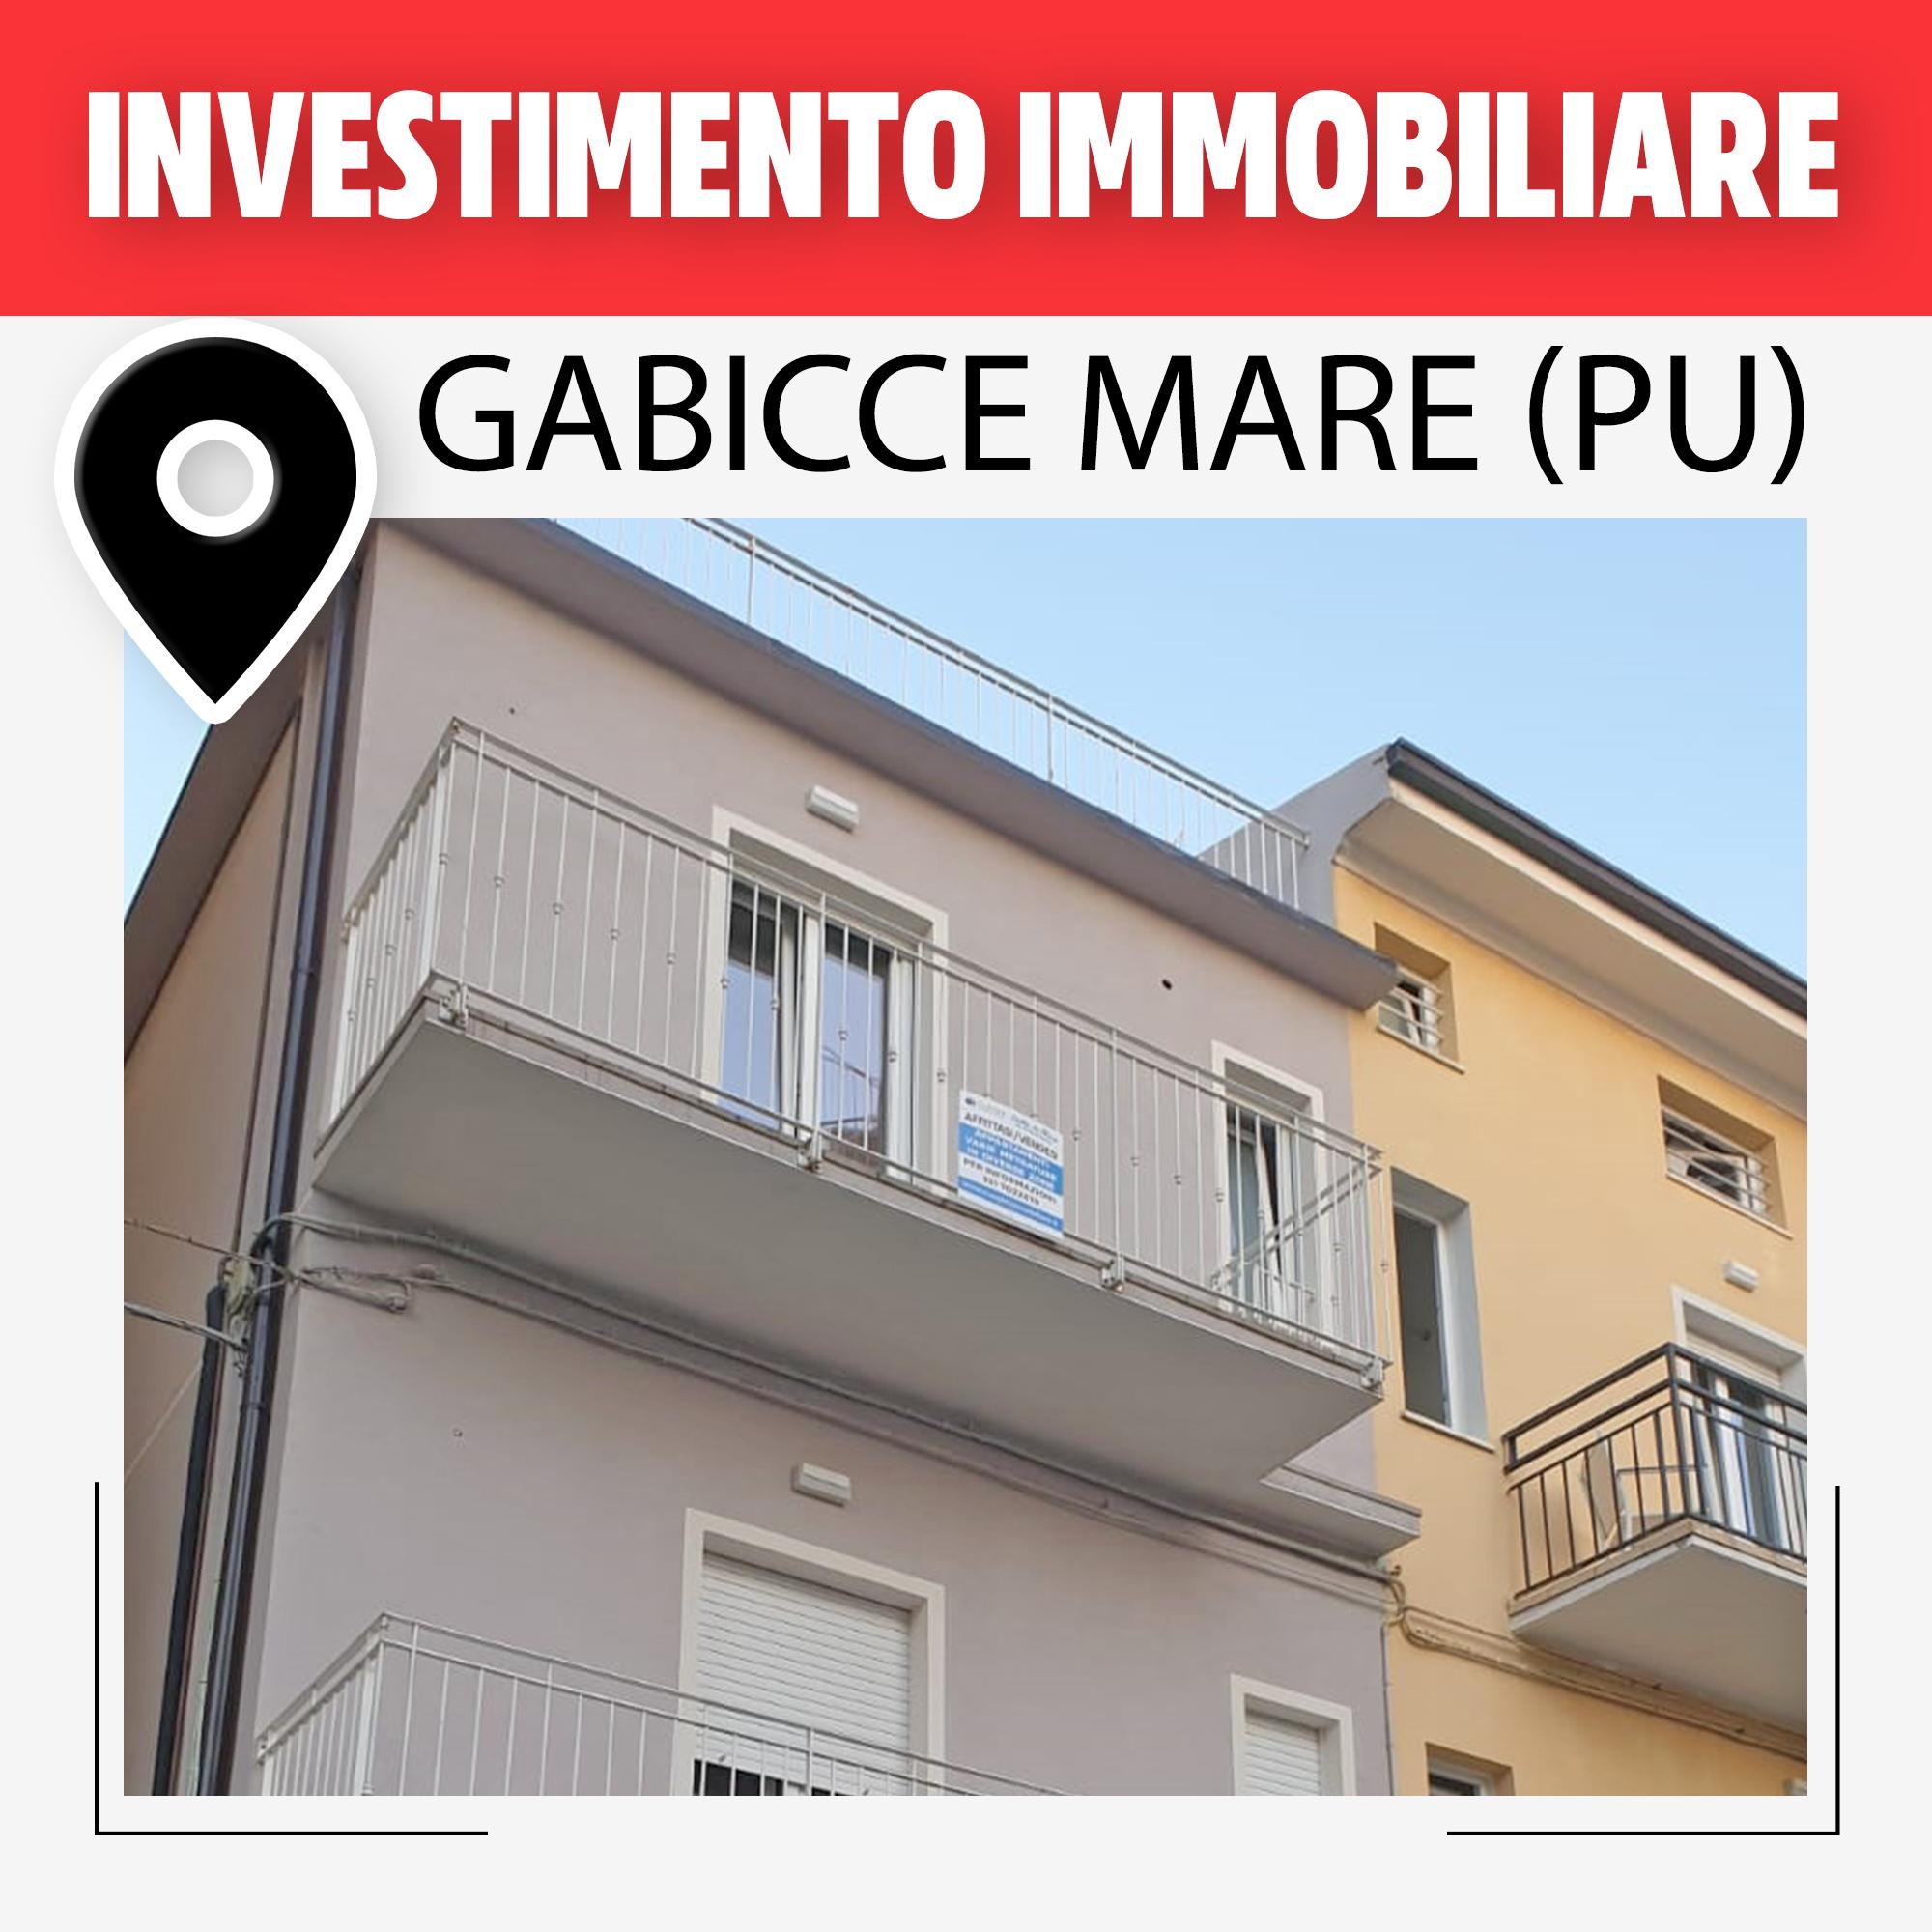 Victoria Investimenti Immobiliari GABICCE MARE